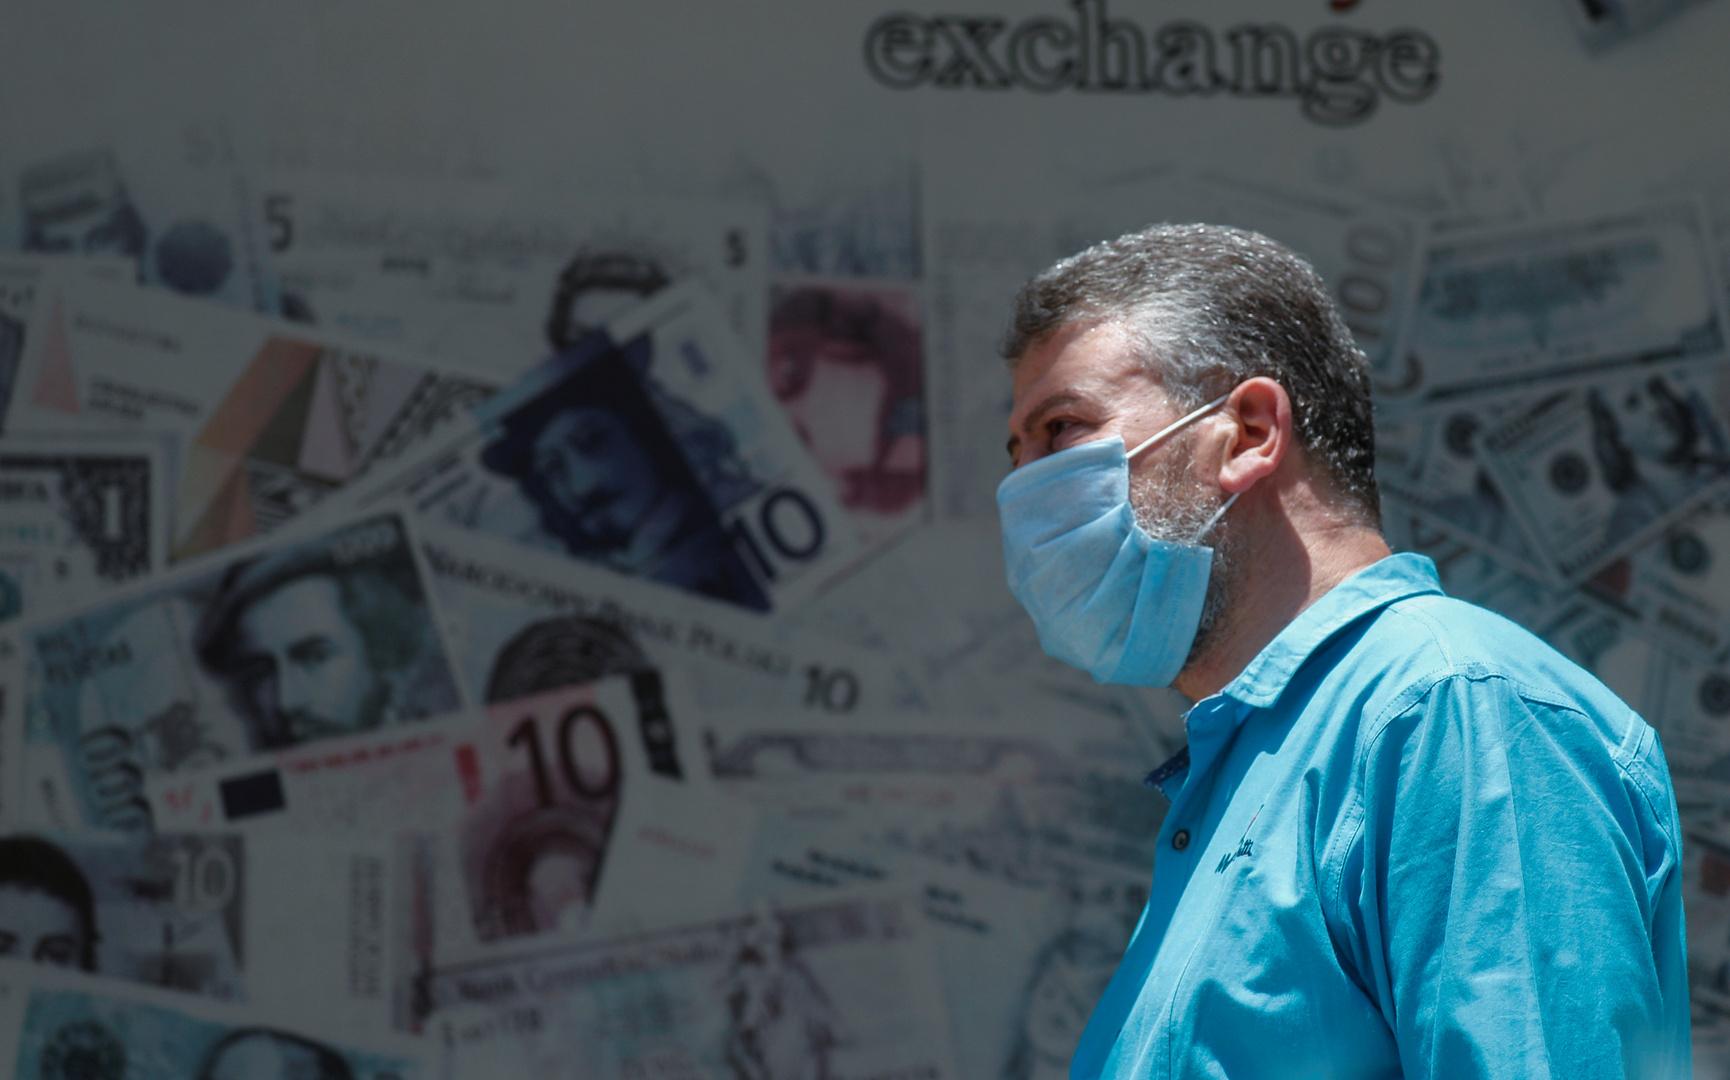 الدولار يعود للانخفاض أمام الجنيه المصري